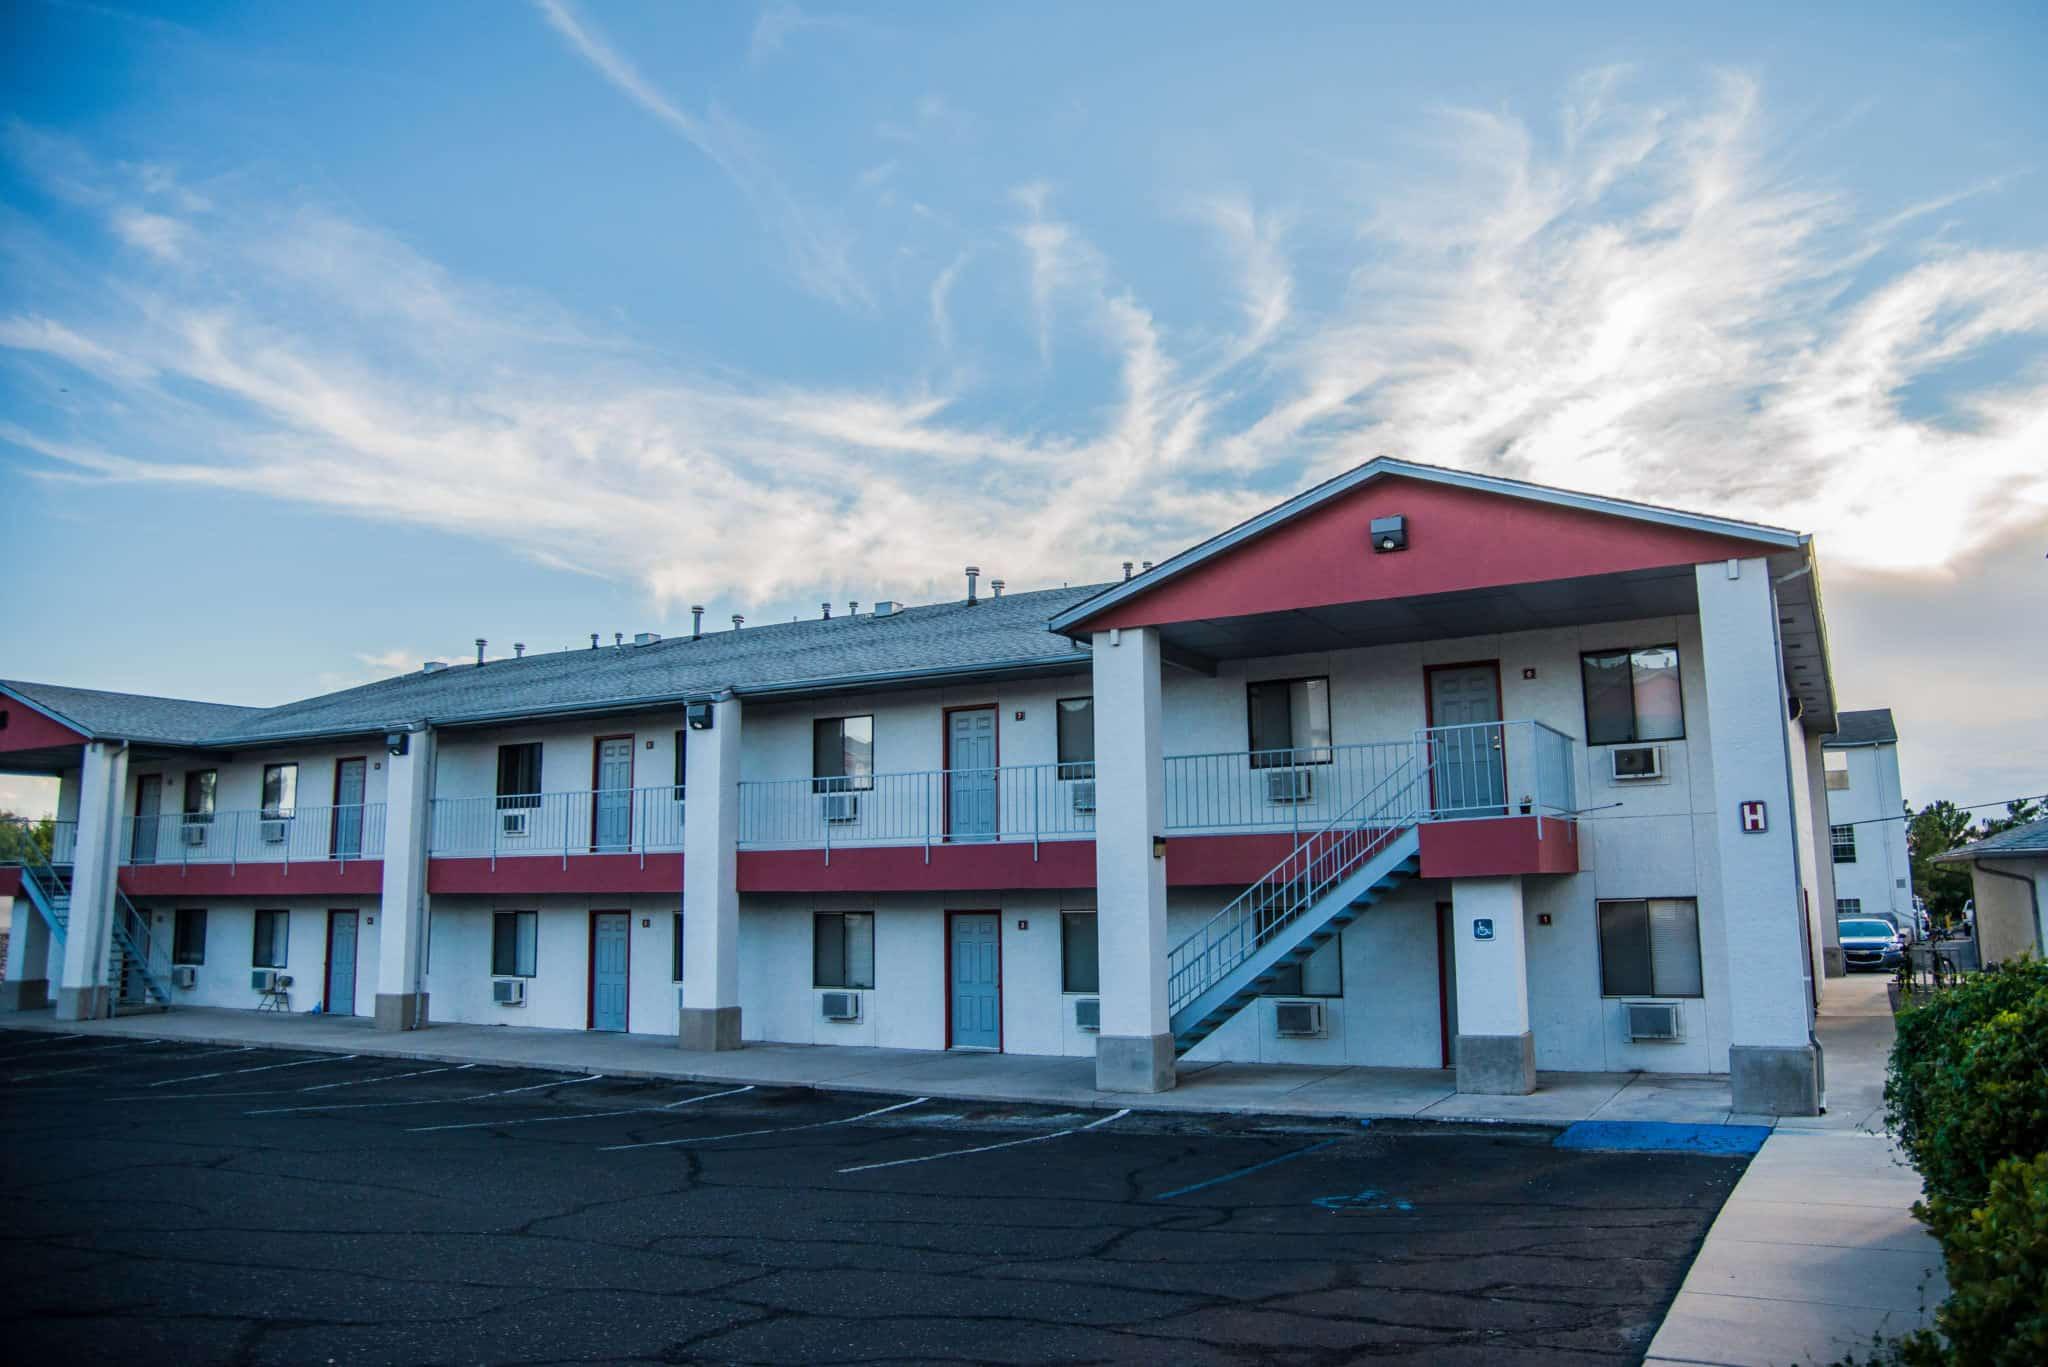 OMNI Apartments Exterior